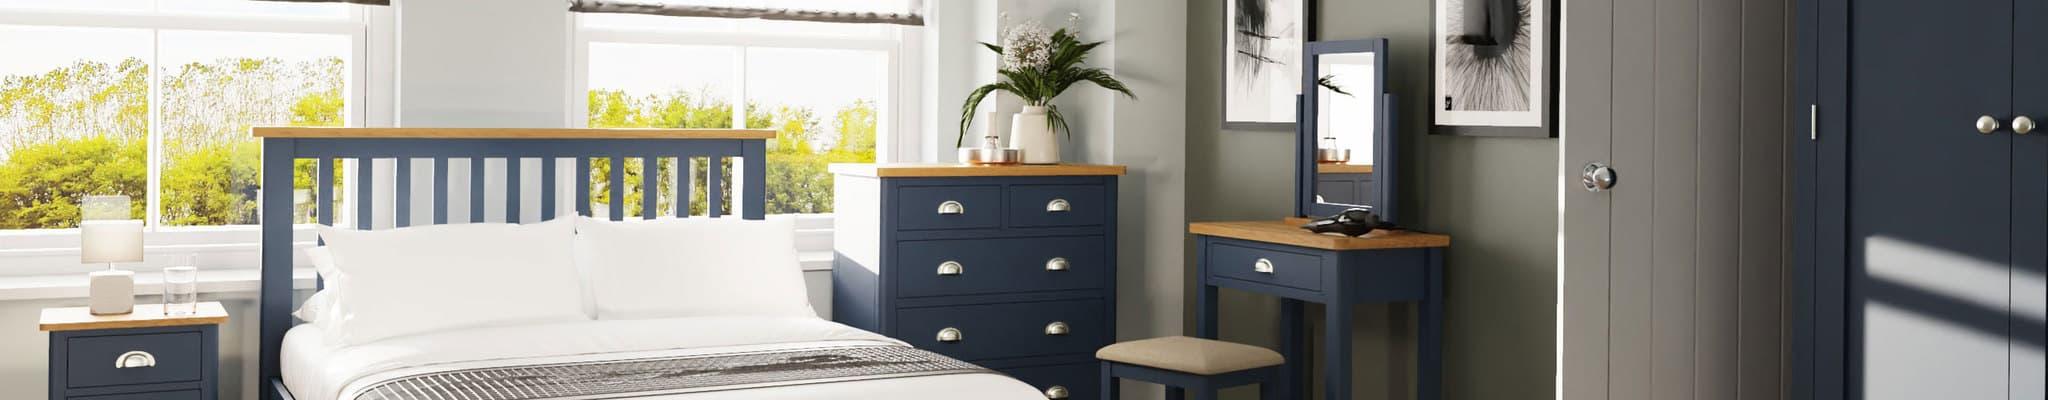 ra blue bedroom roomset v2